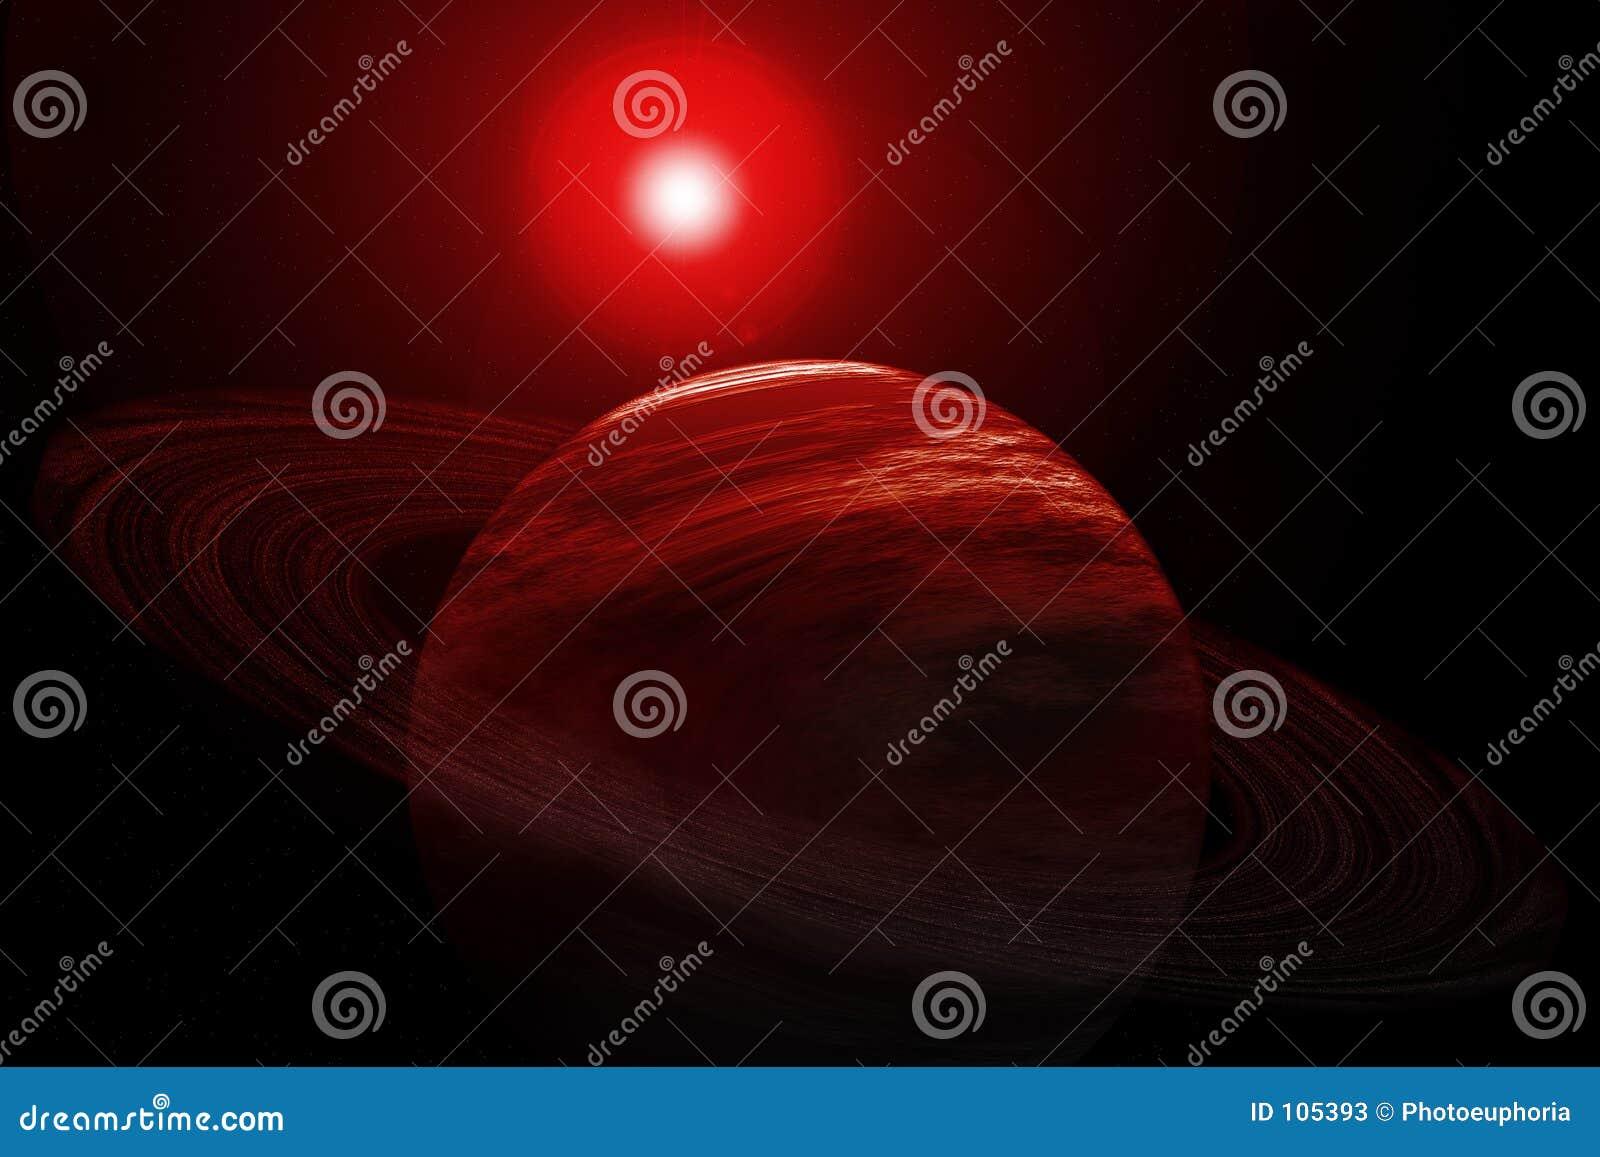 Roter Planet mit Ringen, Sternen und Sun